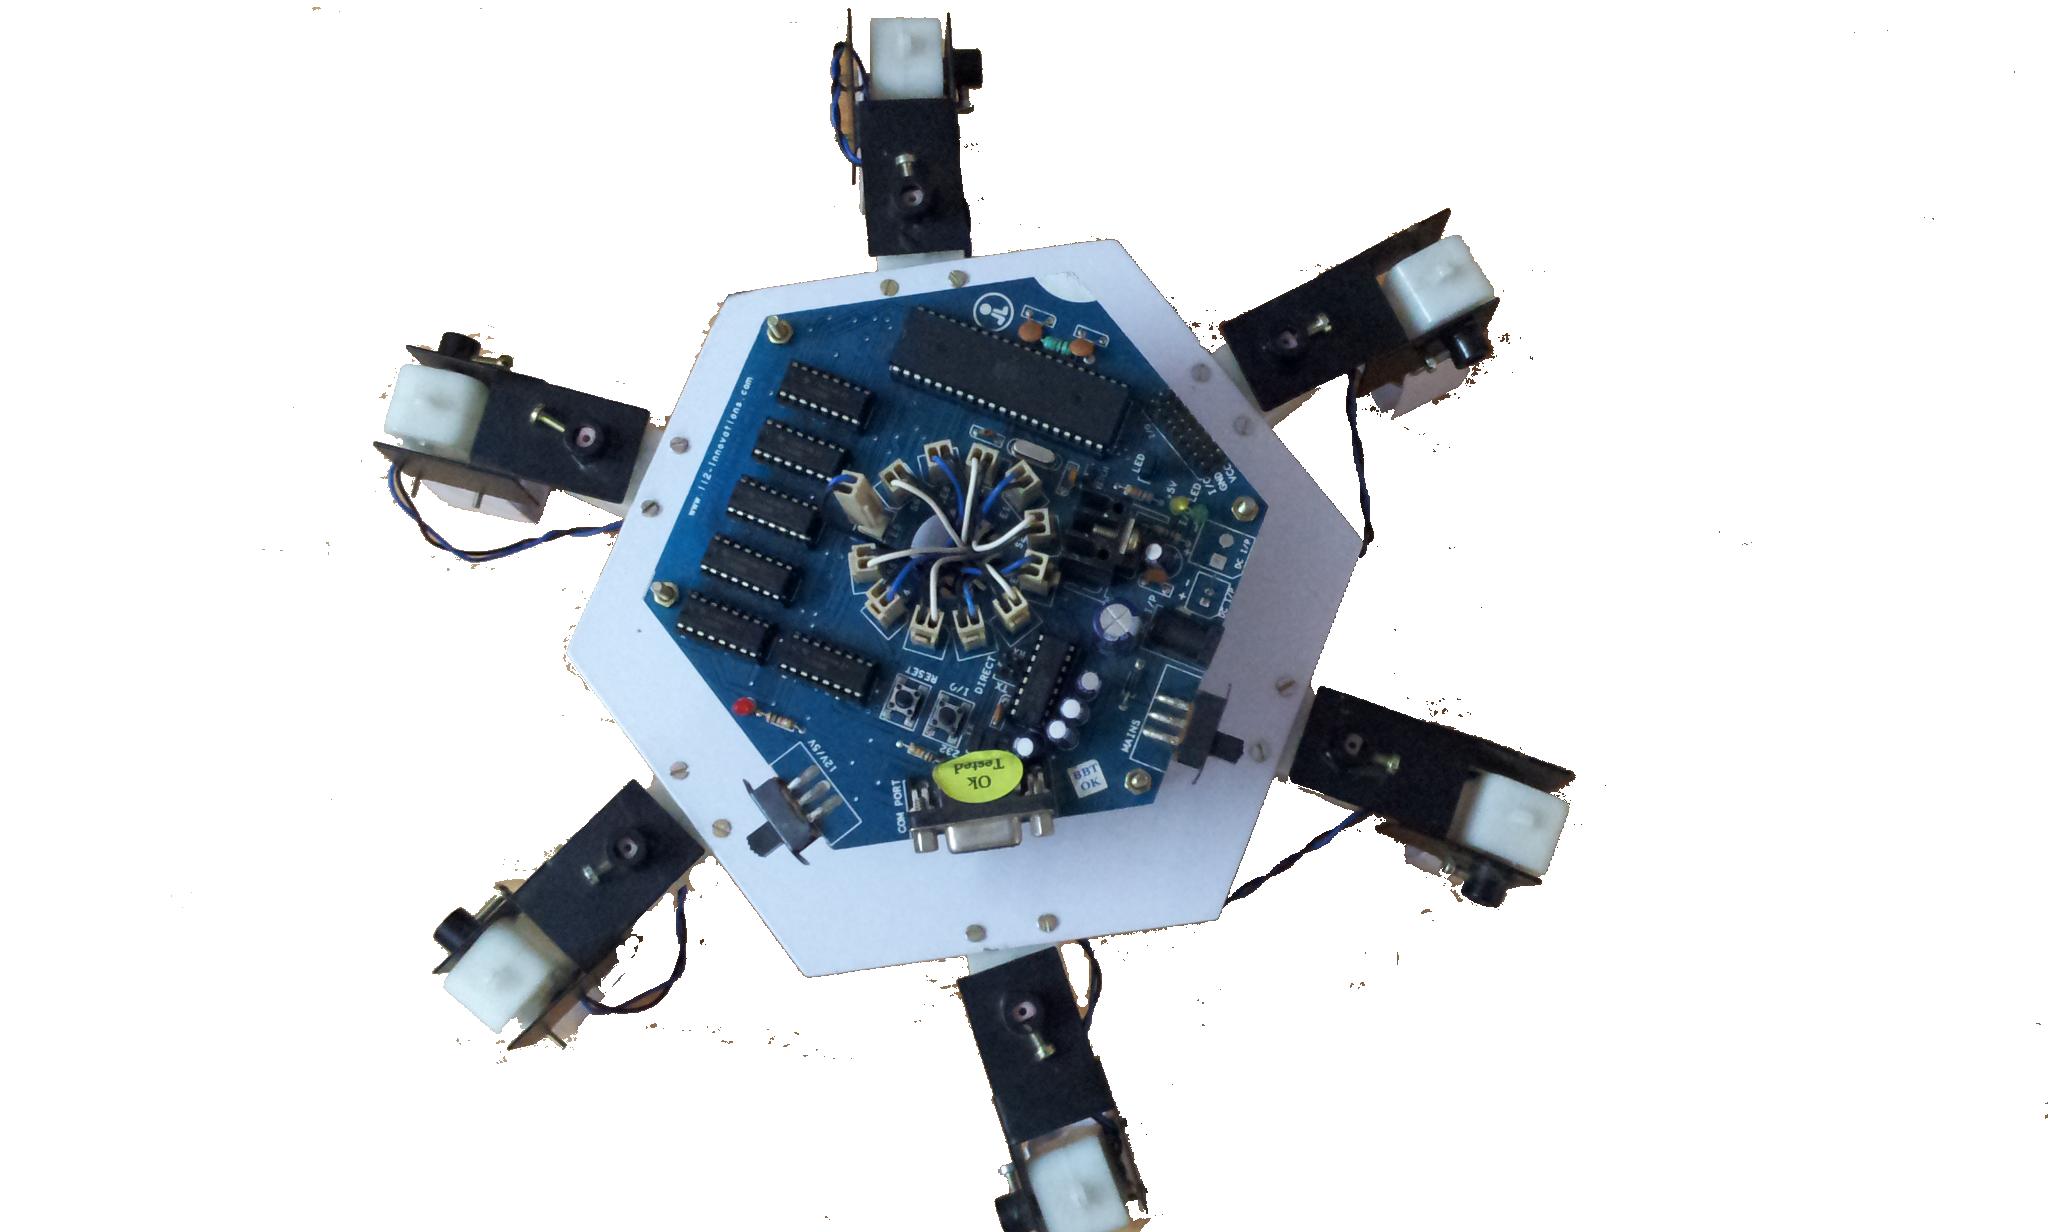 Li2 Hexapod